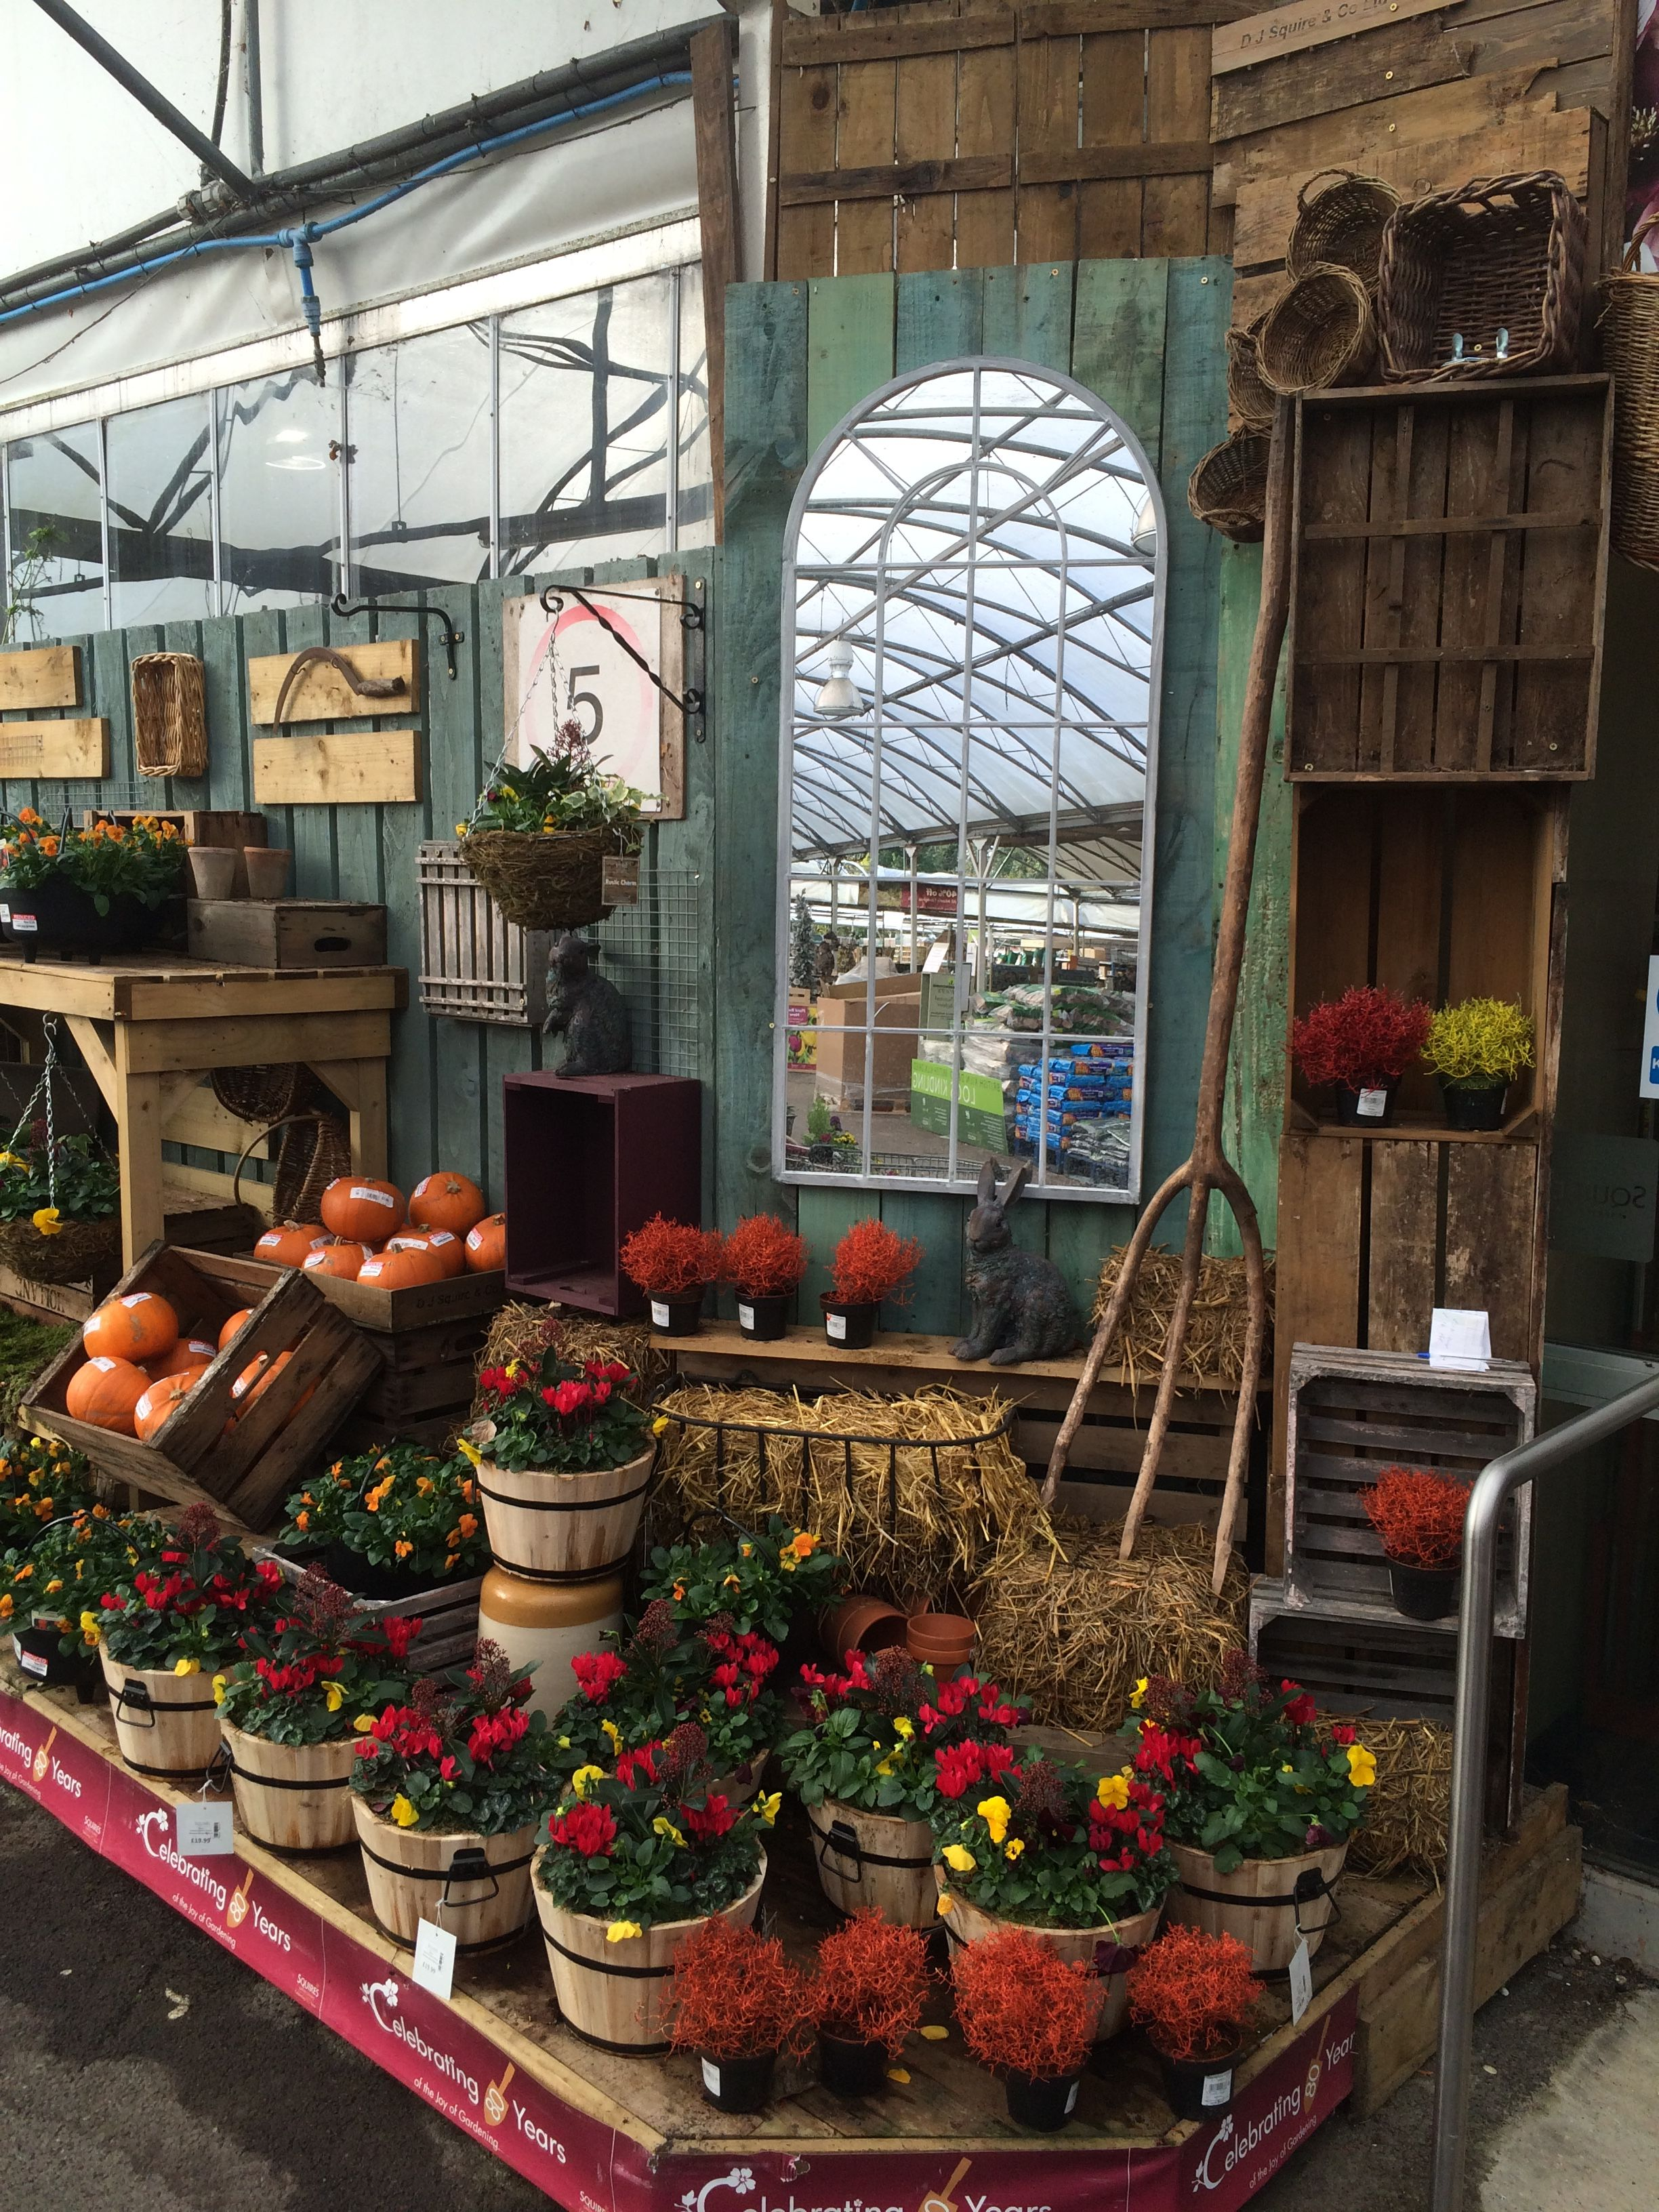 Autumn Tub And Basket Display Squires Garden Centre Badshot Lea November 2016 Garden Center Displays Garden Center Store Displays